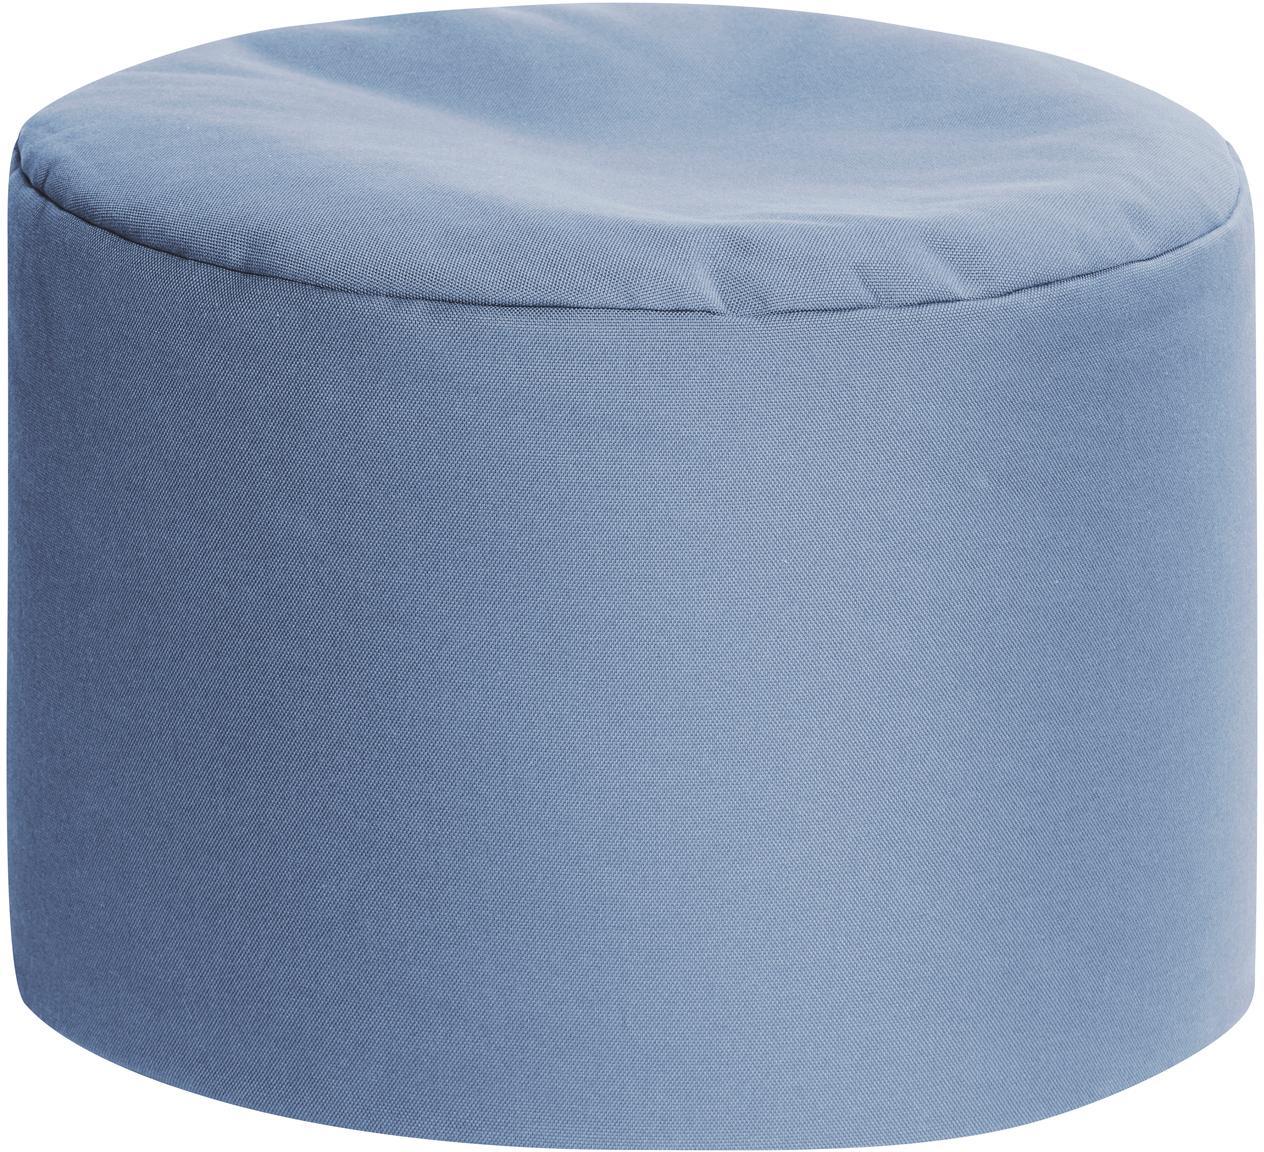 Pouf sacco da esterno-interno Dotcom, Rivestimento: 100% poliacrilico poliacr, Blu, Ø 60 x Alt.40 cm